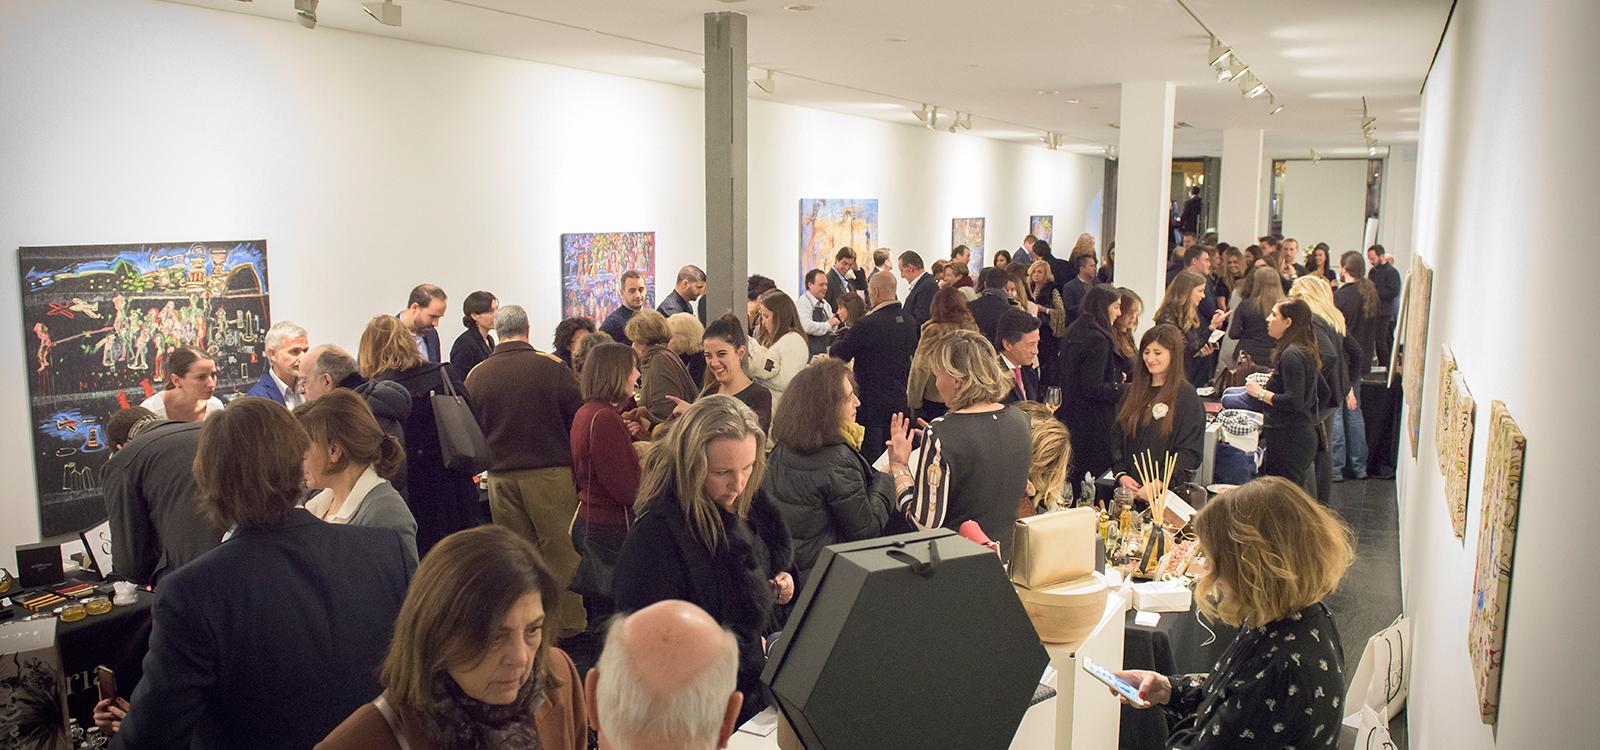 La Asociación Española del Lujo organiza el Luxury Spain Xmas Market | Luxury Spain